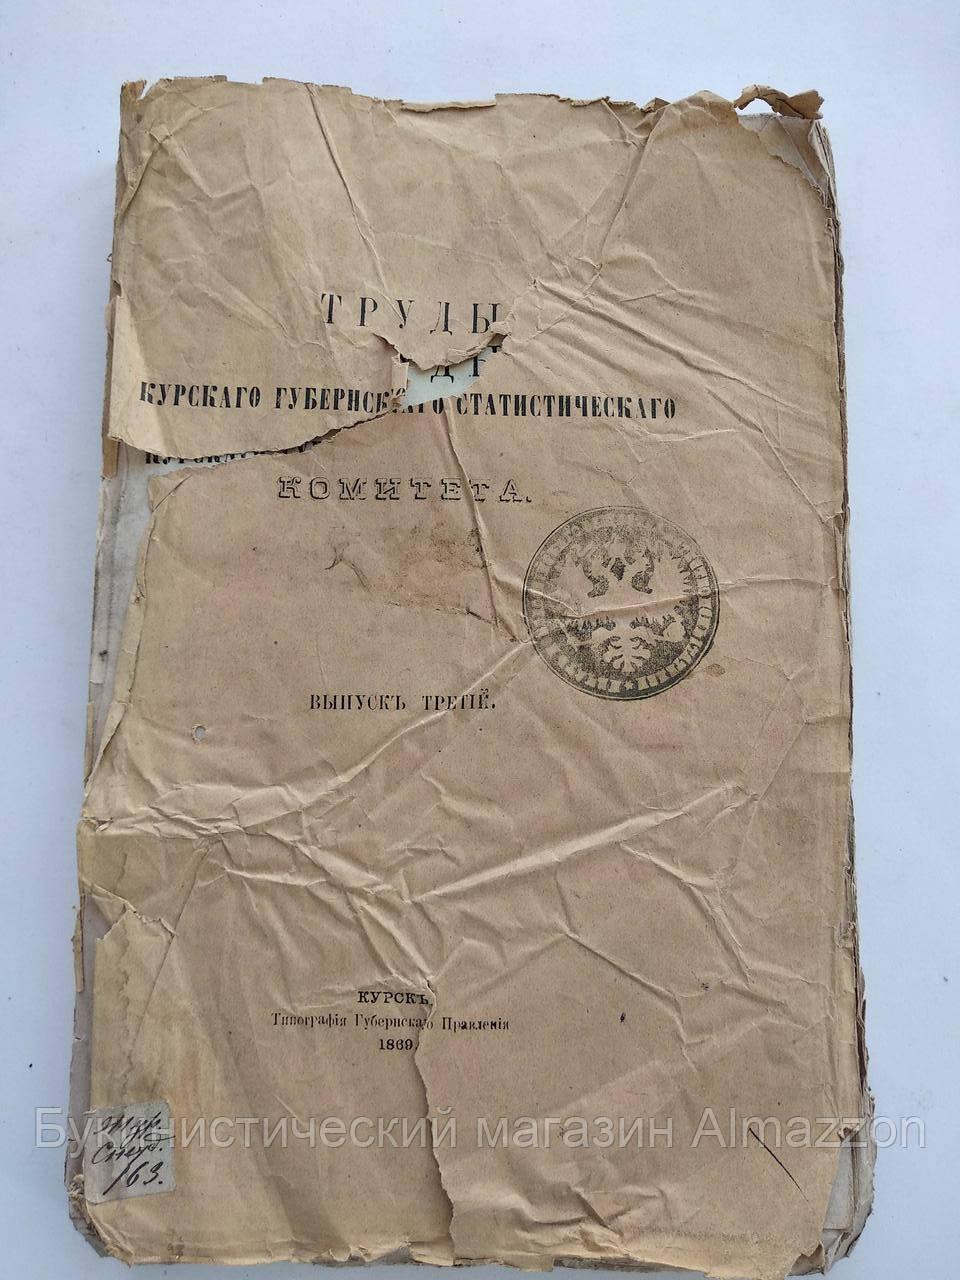 1869 Праці Курського губернського та статистичного комітету Курськ Випуск третій